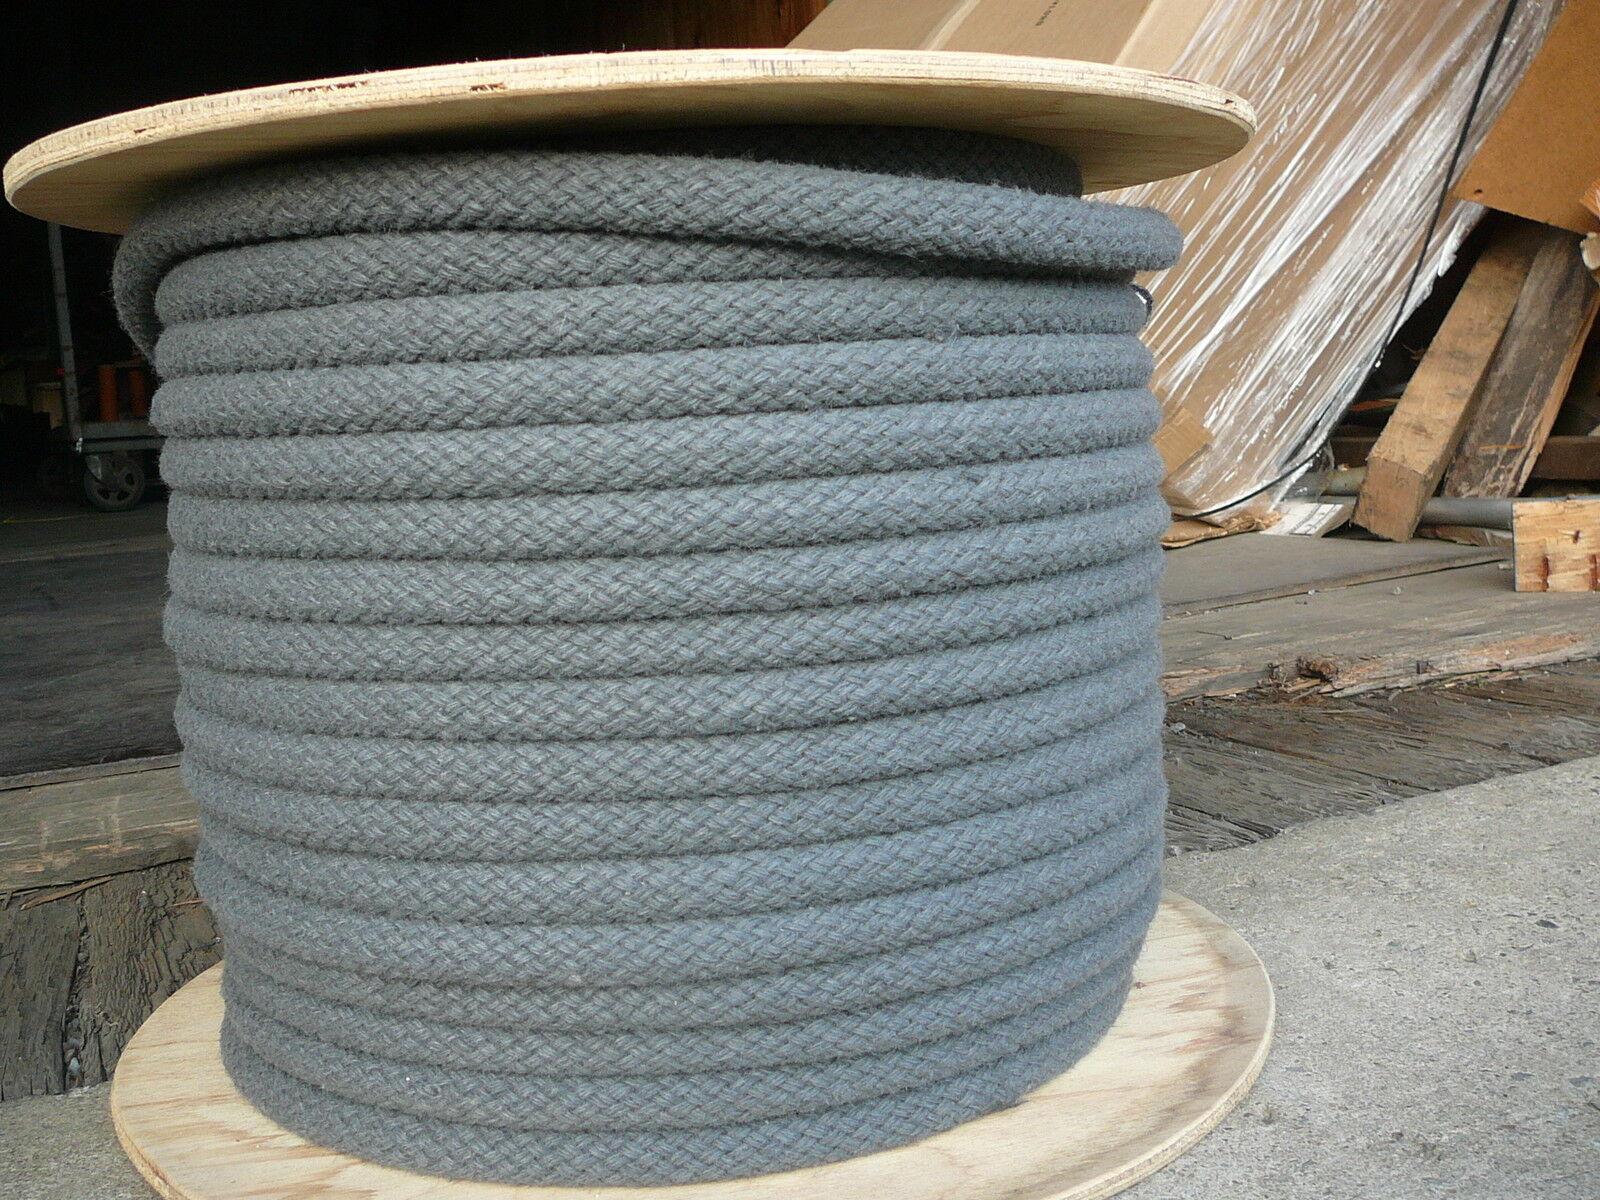 Gigante Ez Grip Trenzado Ranch Cuerda de 5 8 de pulgada X 100' Caballo línea Negro